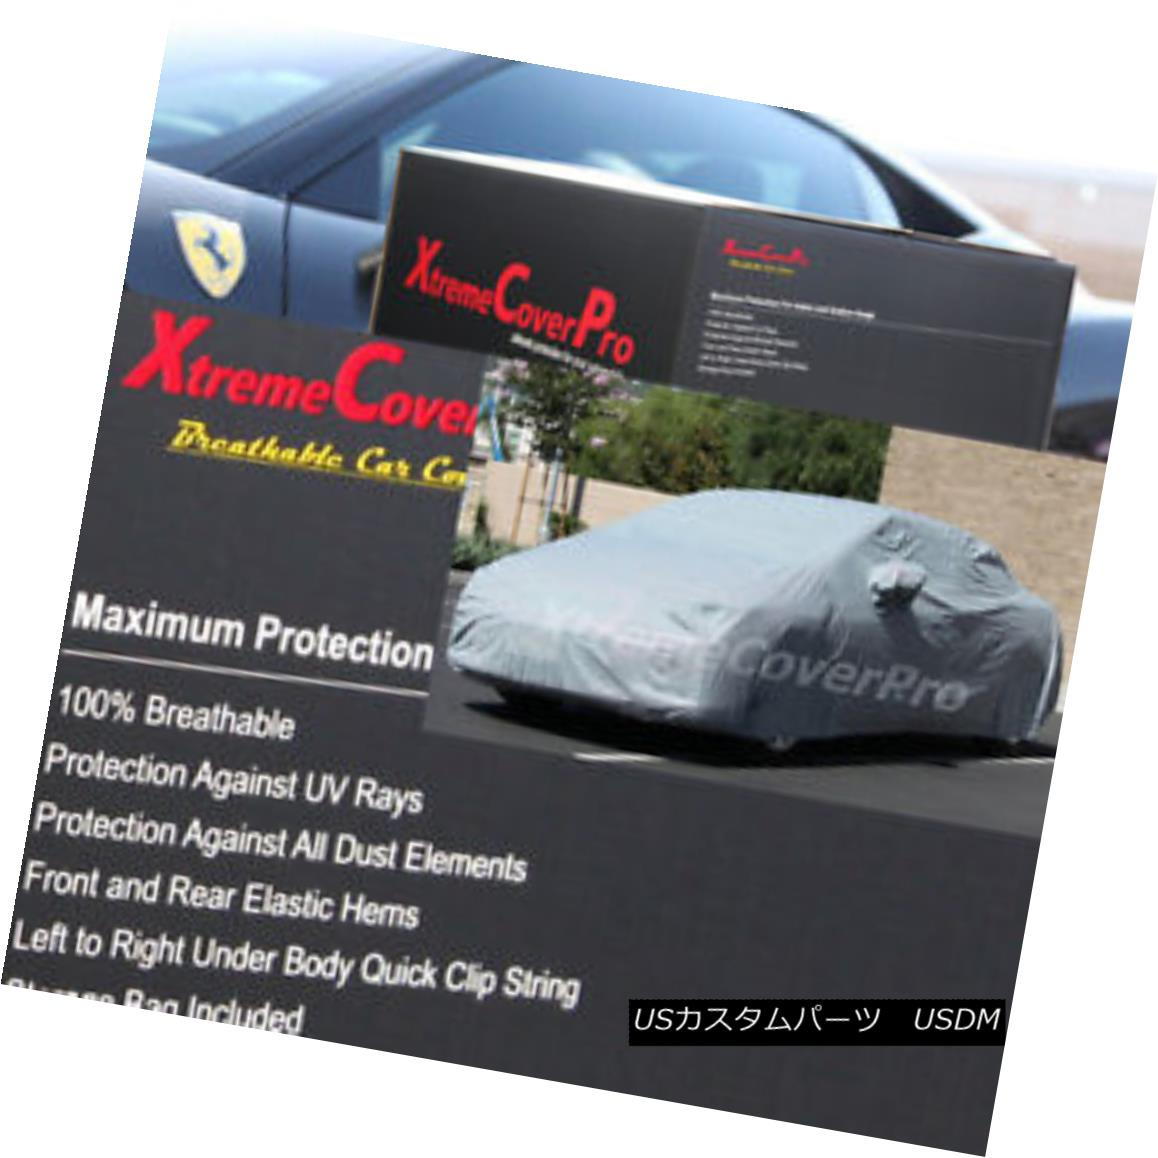 カーカバー 2014 Chevrolet Cruze 5door Hatchback Breathable Car Cover w/ Mirror Pocket 2014シボレークルーズ5ドアハッチバック通気性の車カバー/ミラーポケット付き